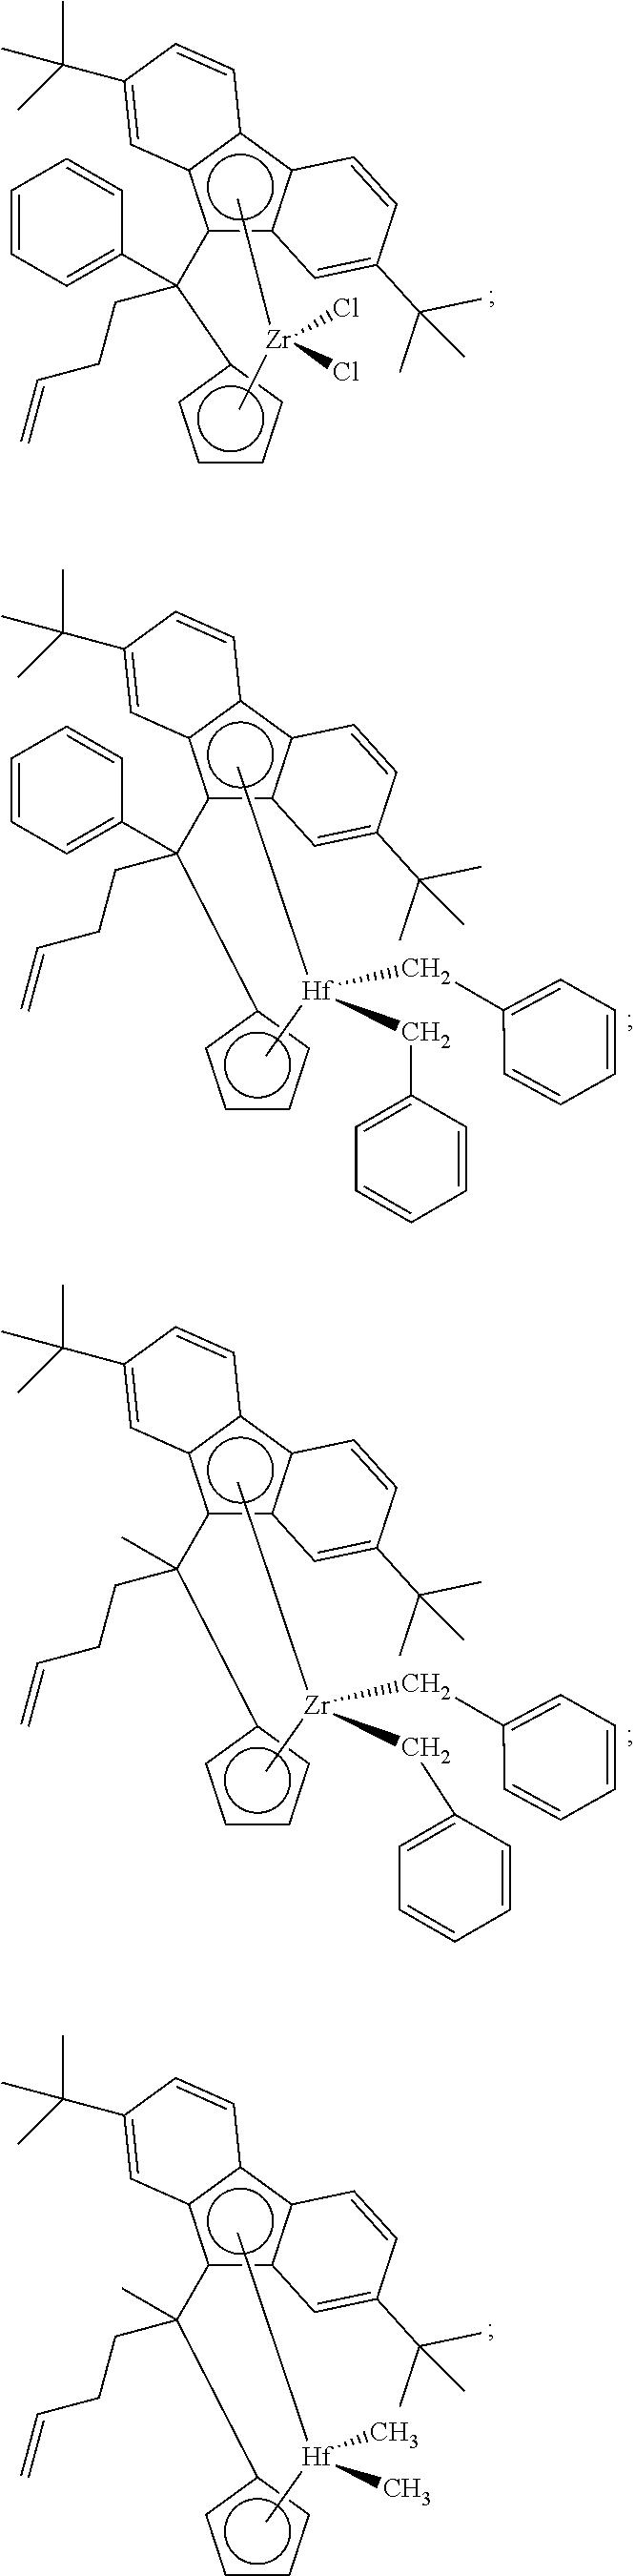 Figure US08143183-20120327-C00009